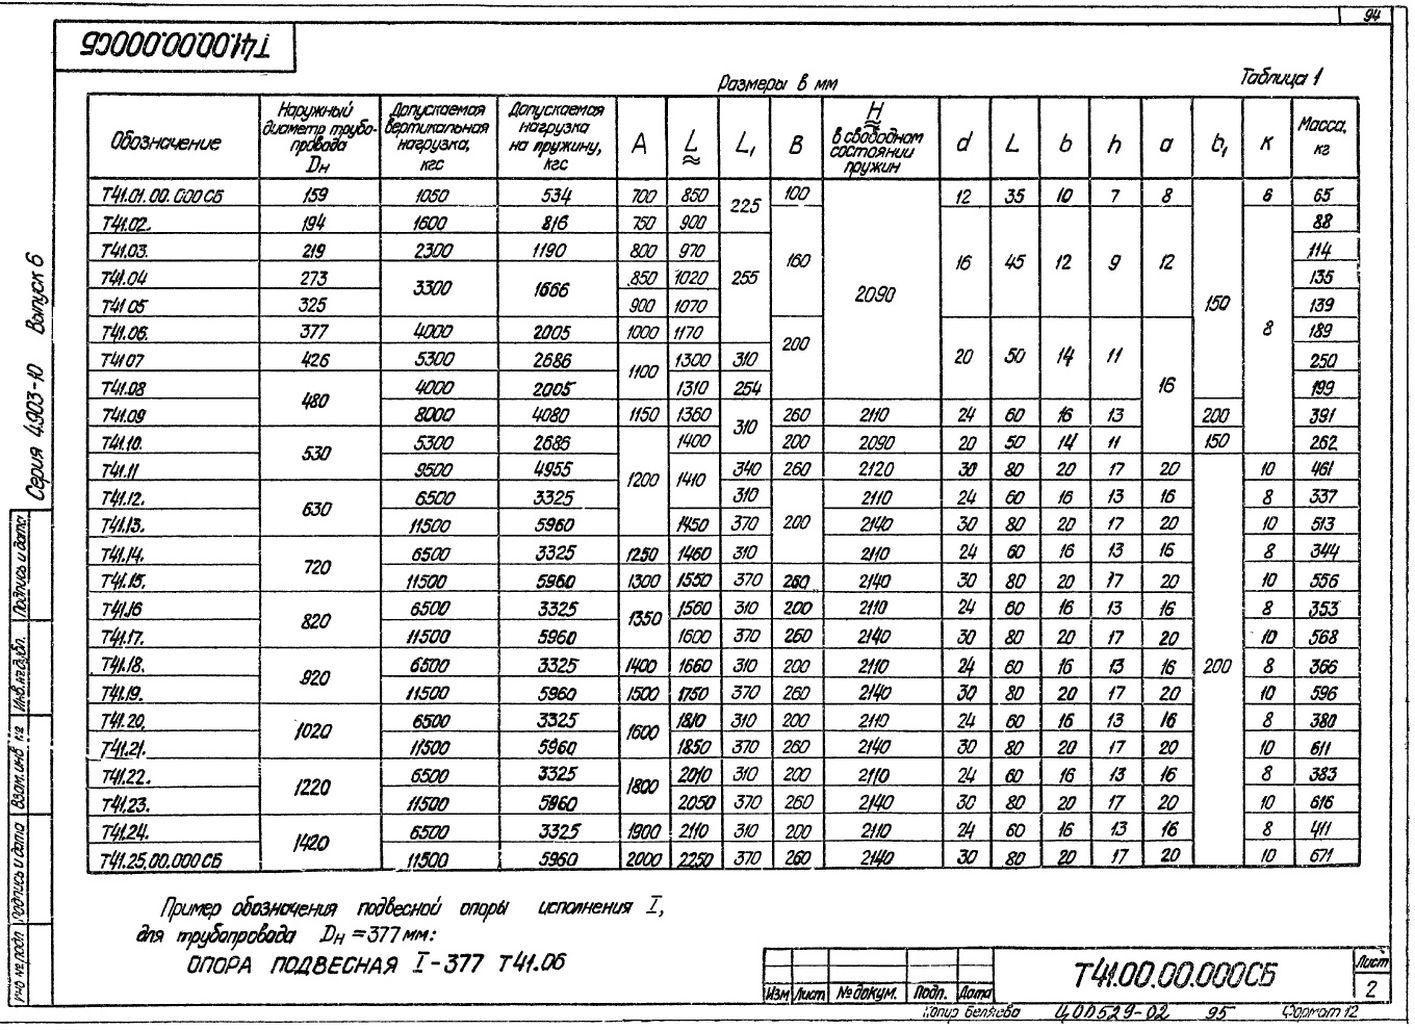 Опора подвесная пружинная Т41 с.4.903-10 вып.6 стр.2